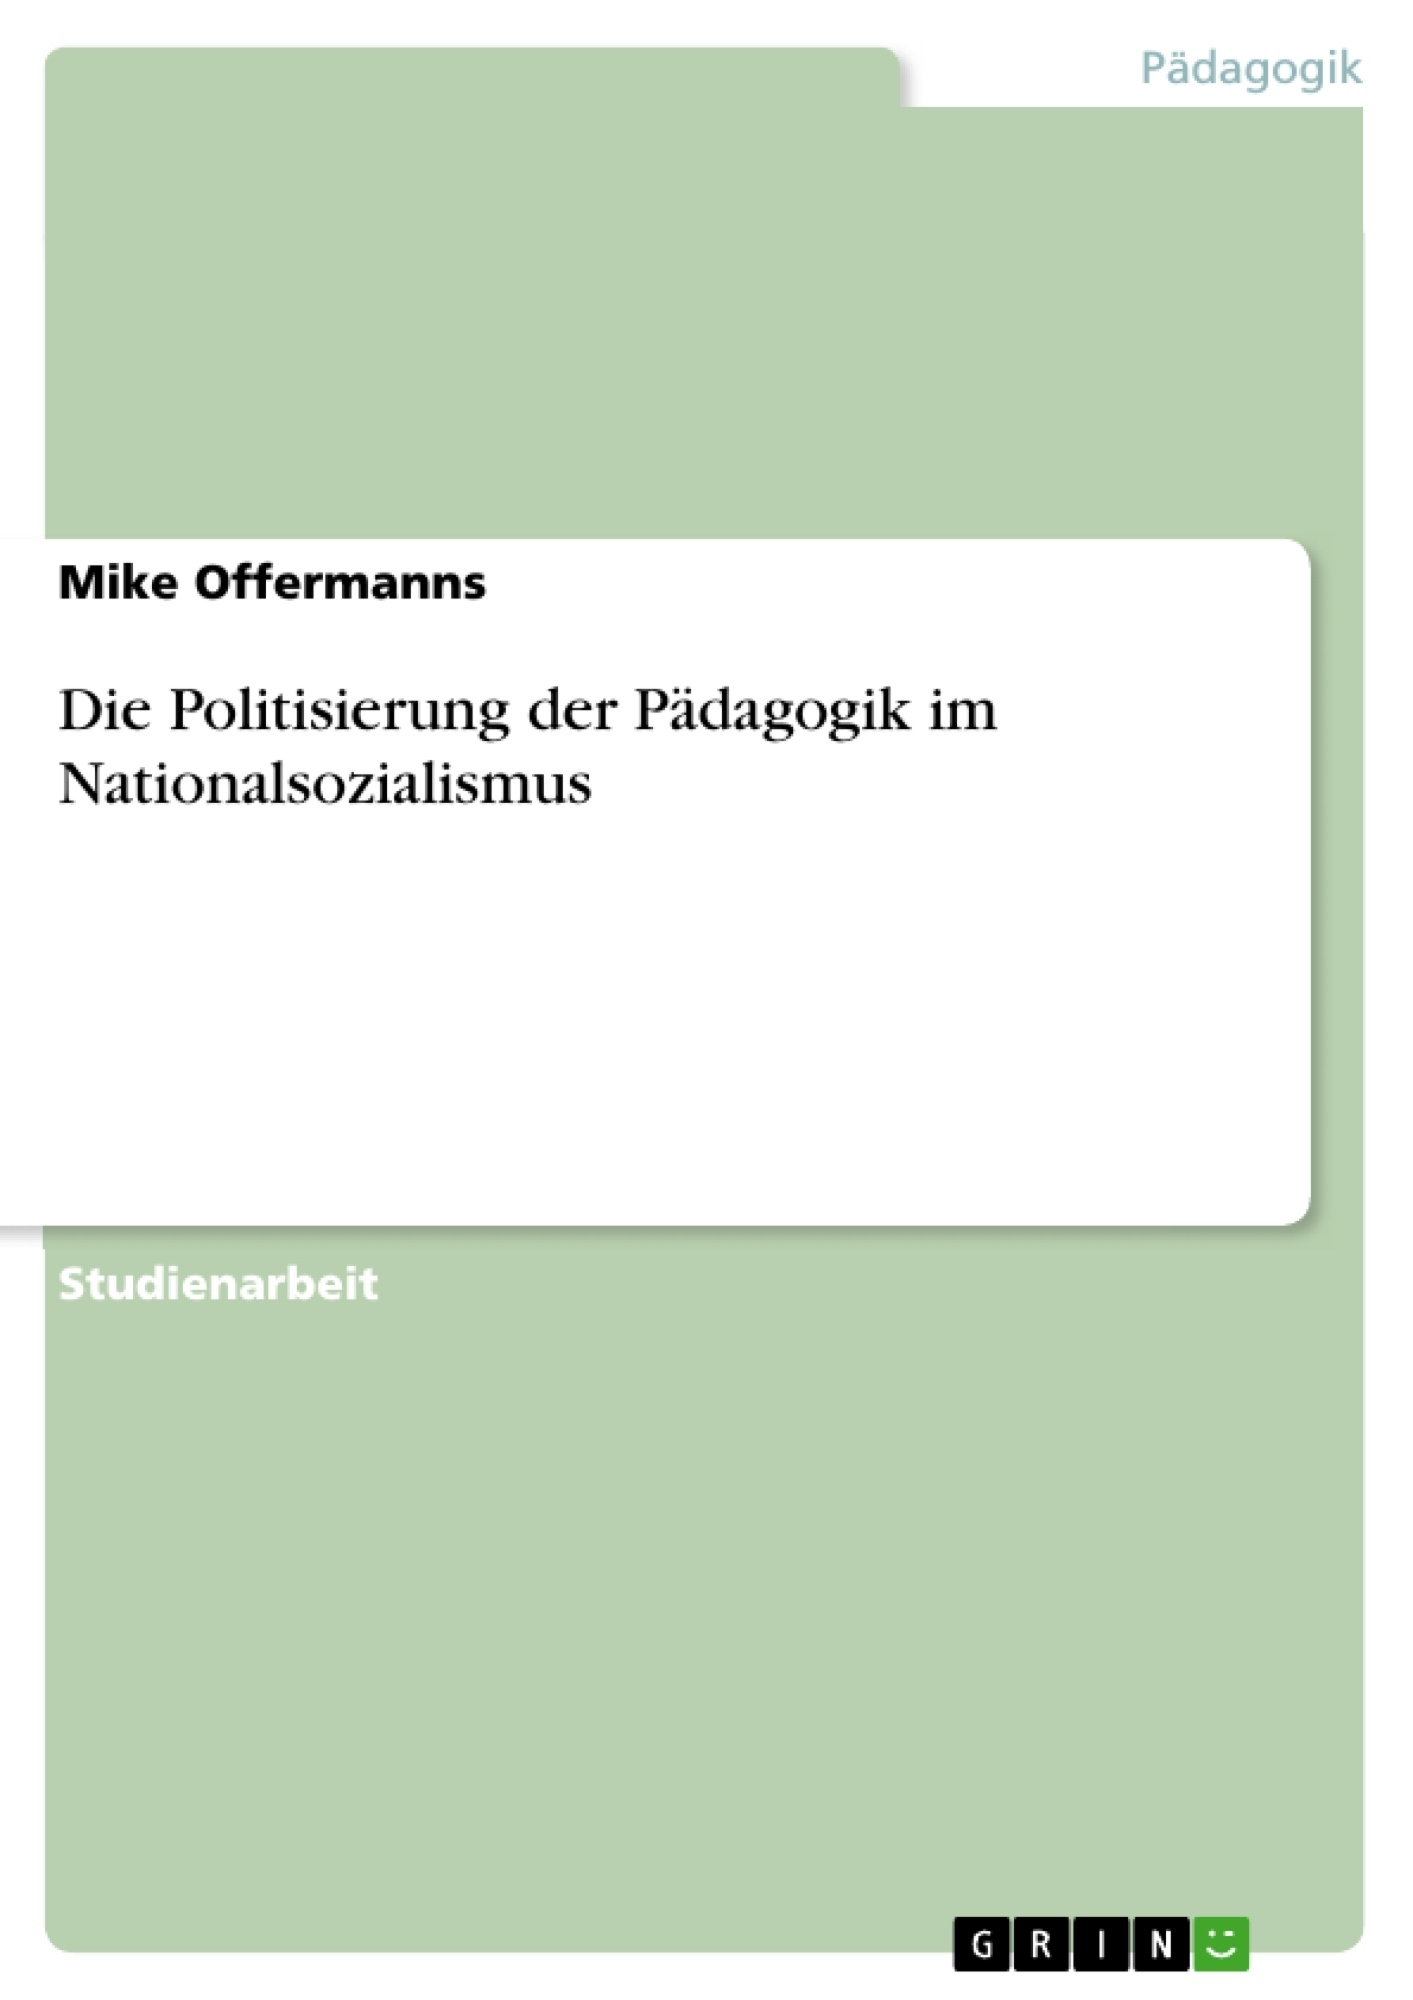 Titel: Die Politisierung der Pädagogik im Nationalsozialismus